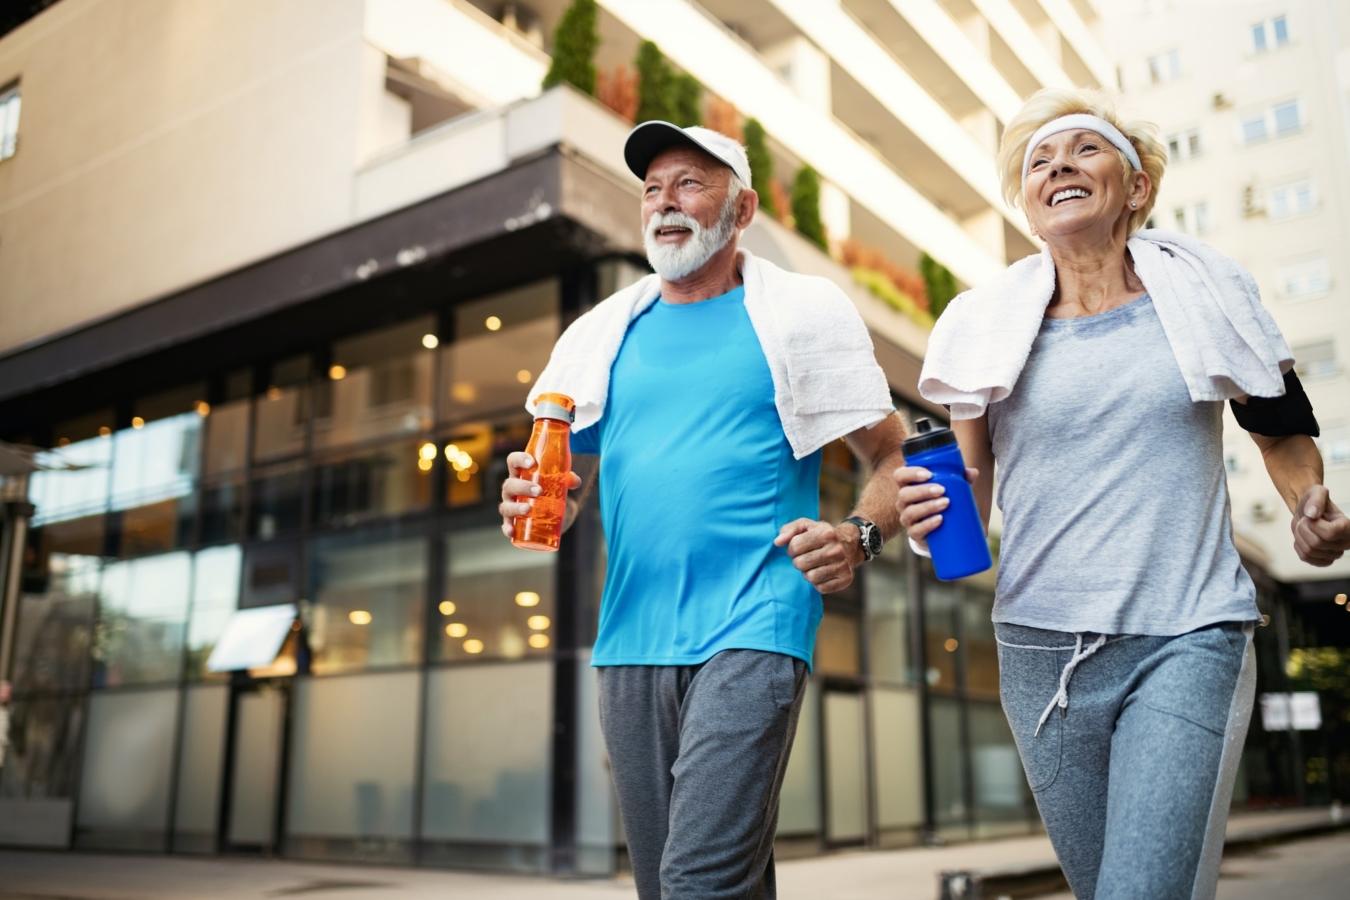 Gerne ältere Leute, die laufen, um helathy bleiben und Gewicht verlieren